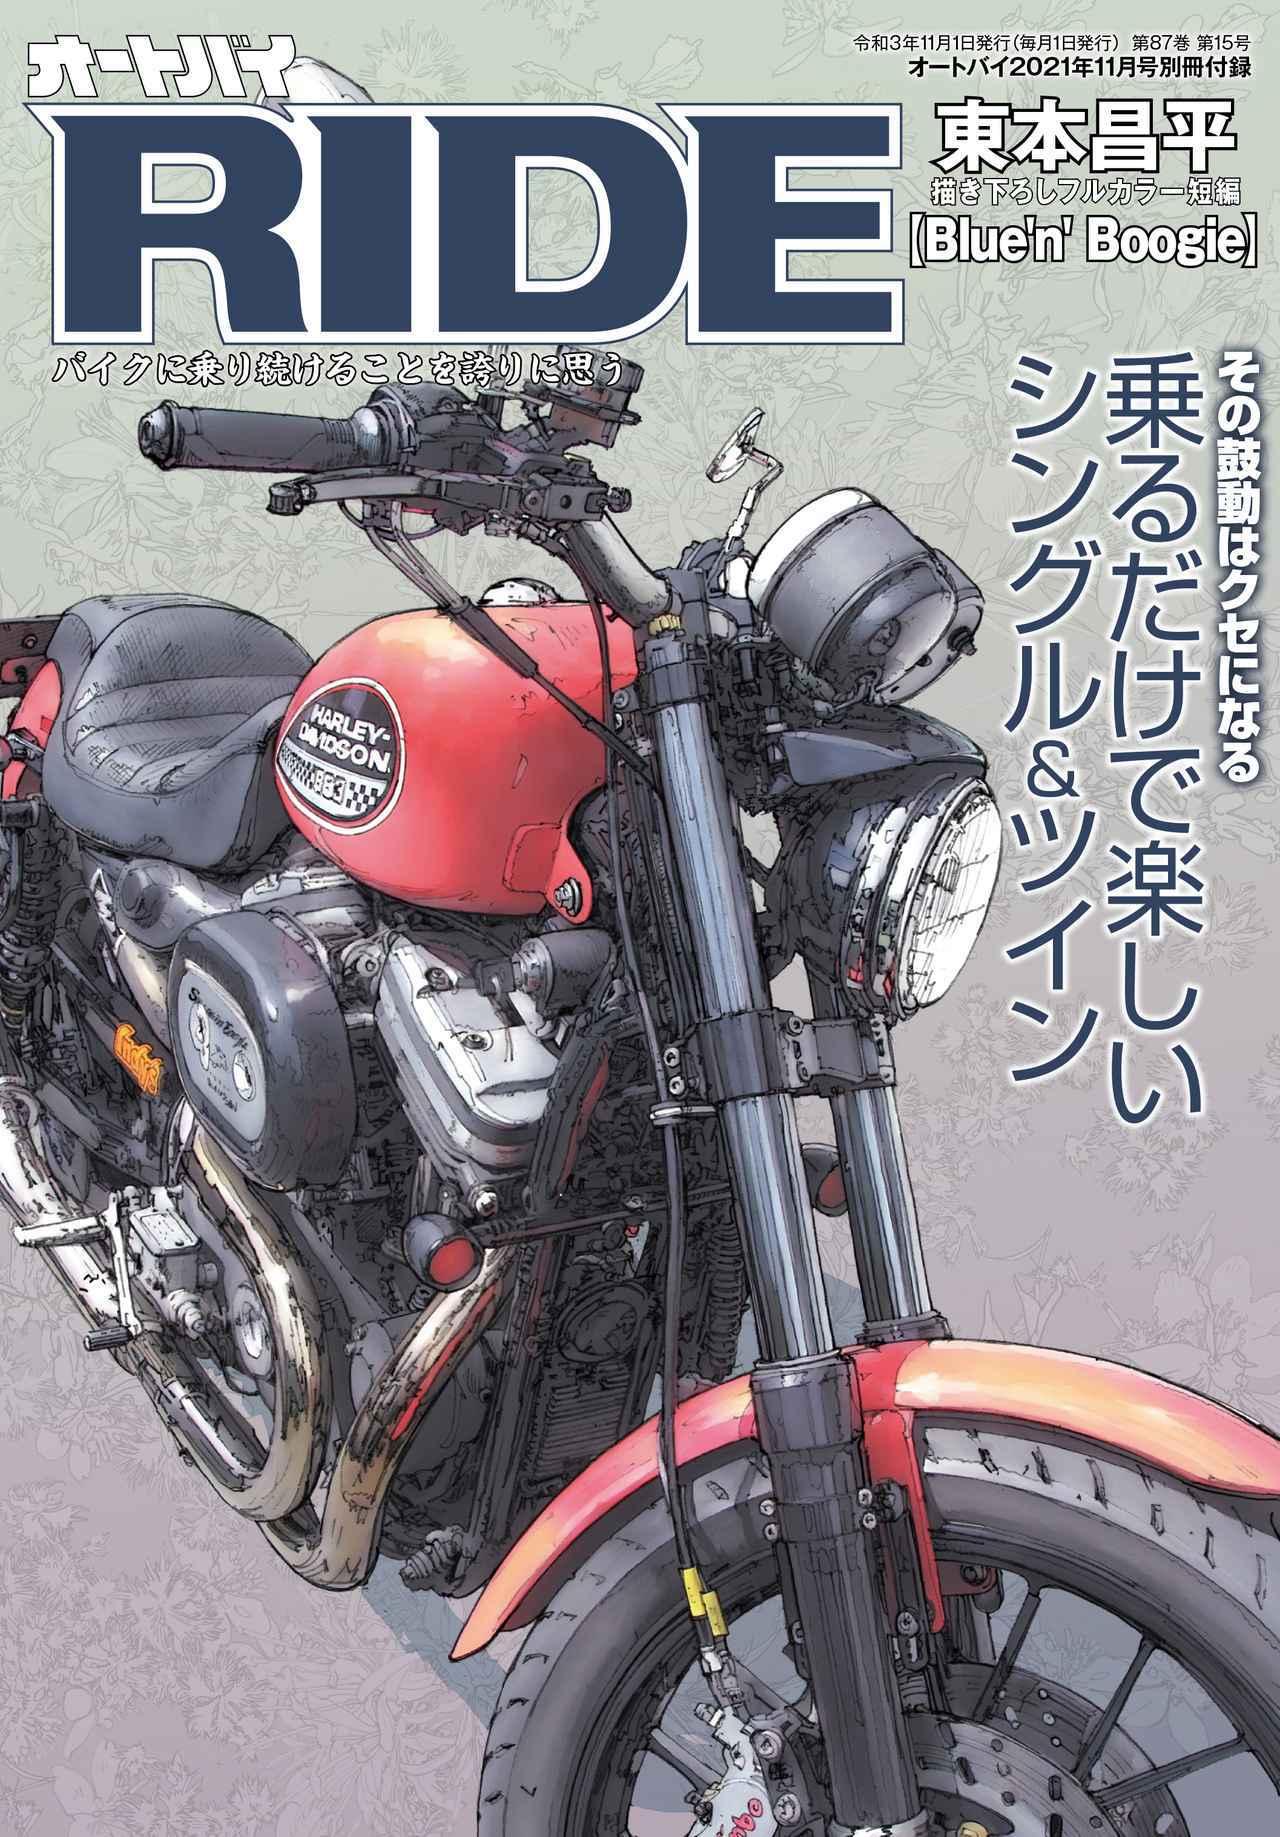 画像6: 月刊『オートバイ』11月号はスクープ情報&新型車速報が盛りだくさん!「RIDE」とセットで2021年10月1日に発売